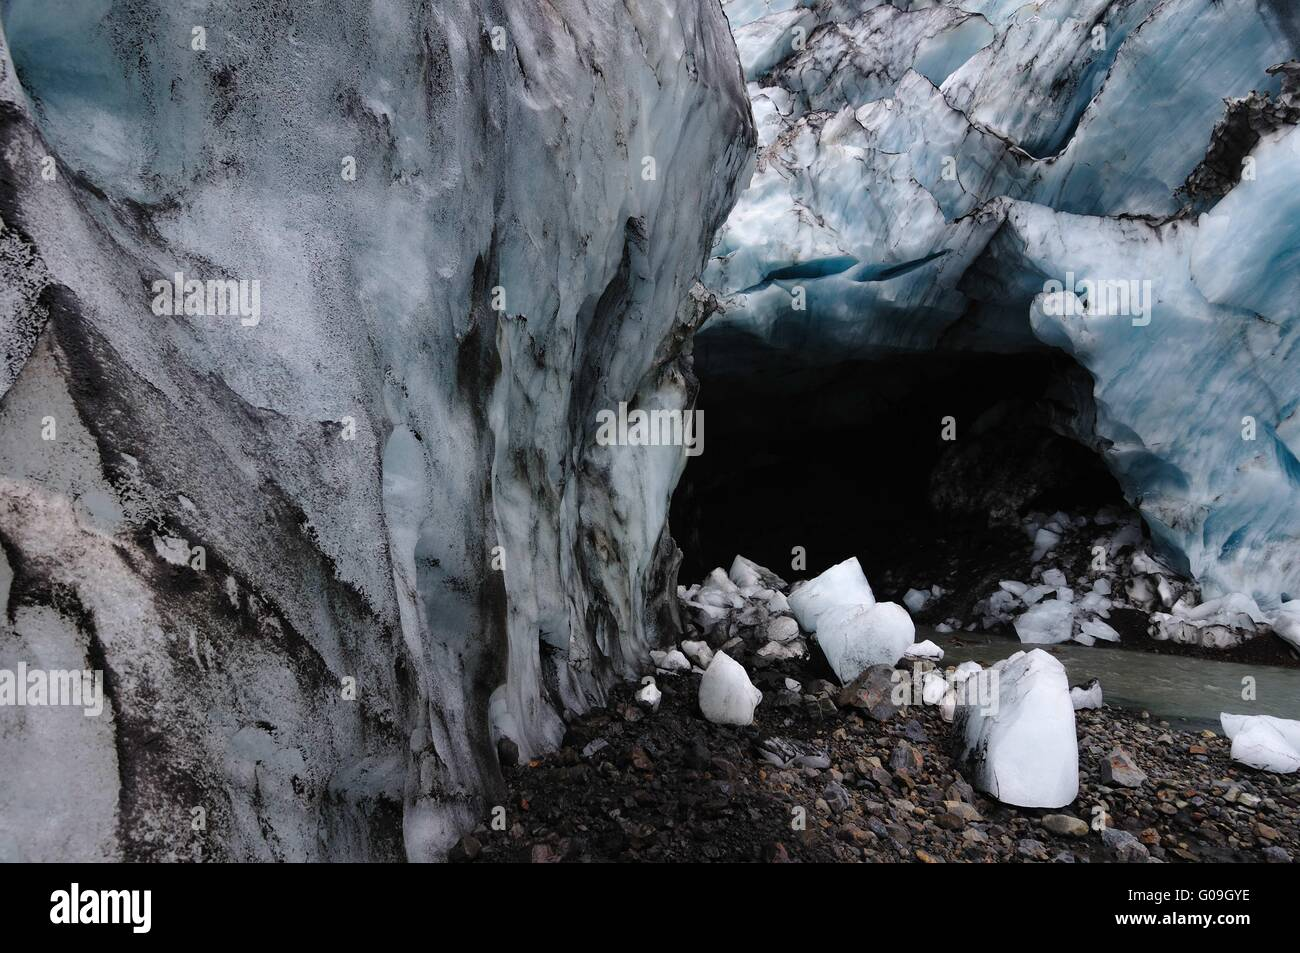 Grotte du glacier à Kverkfjoll, Islande Photo Stock